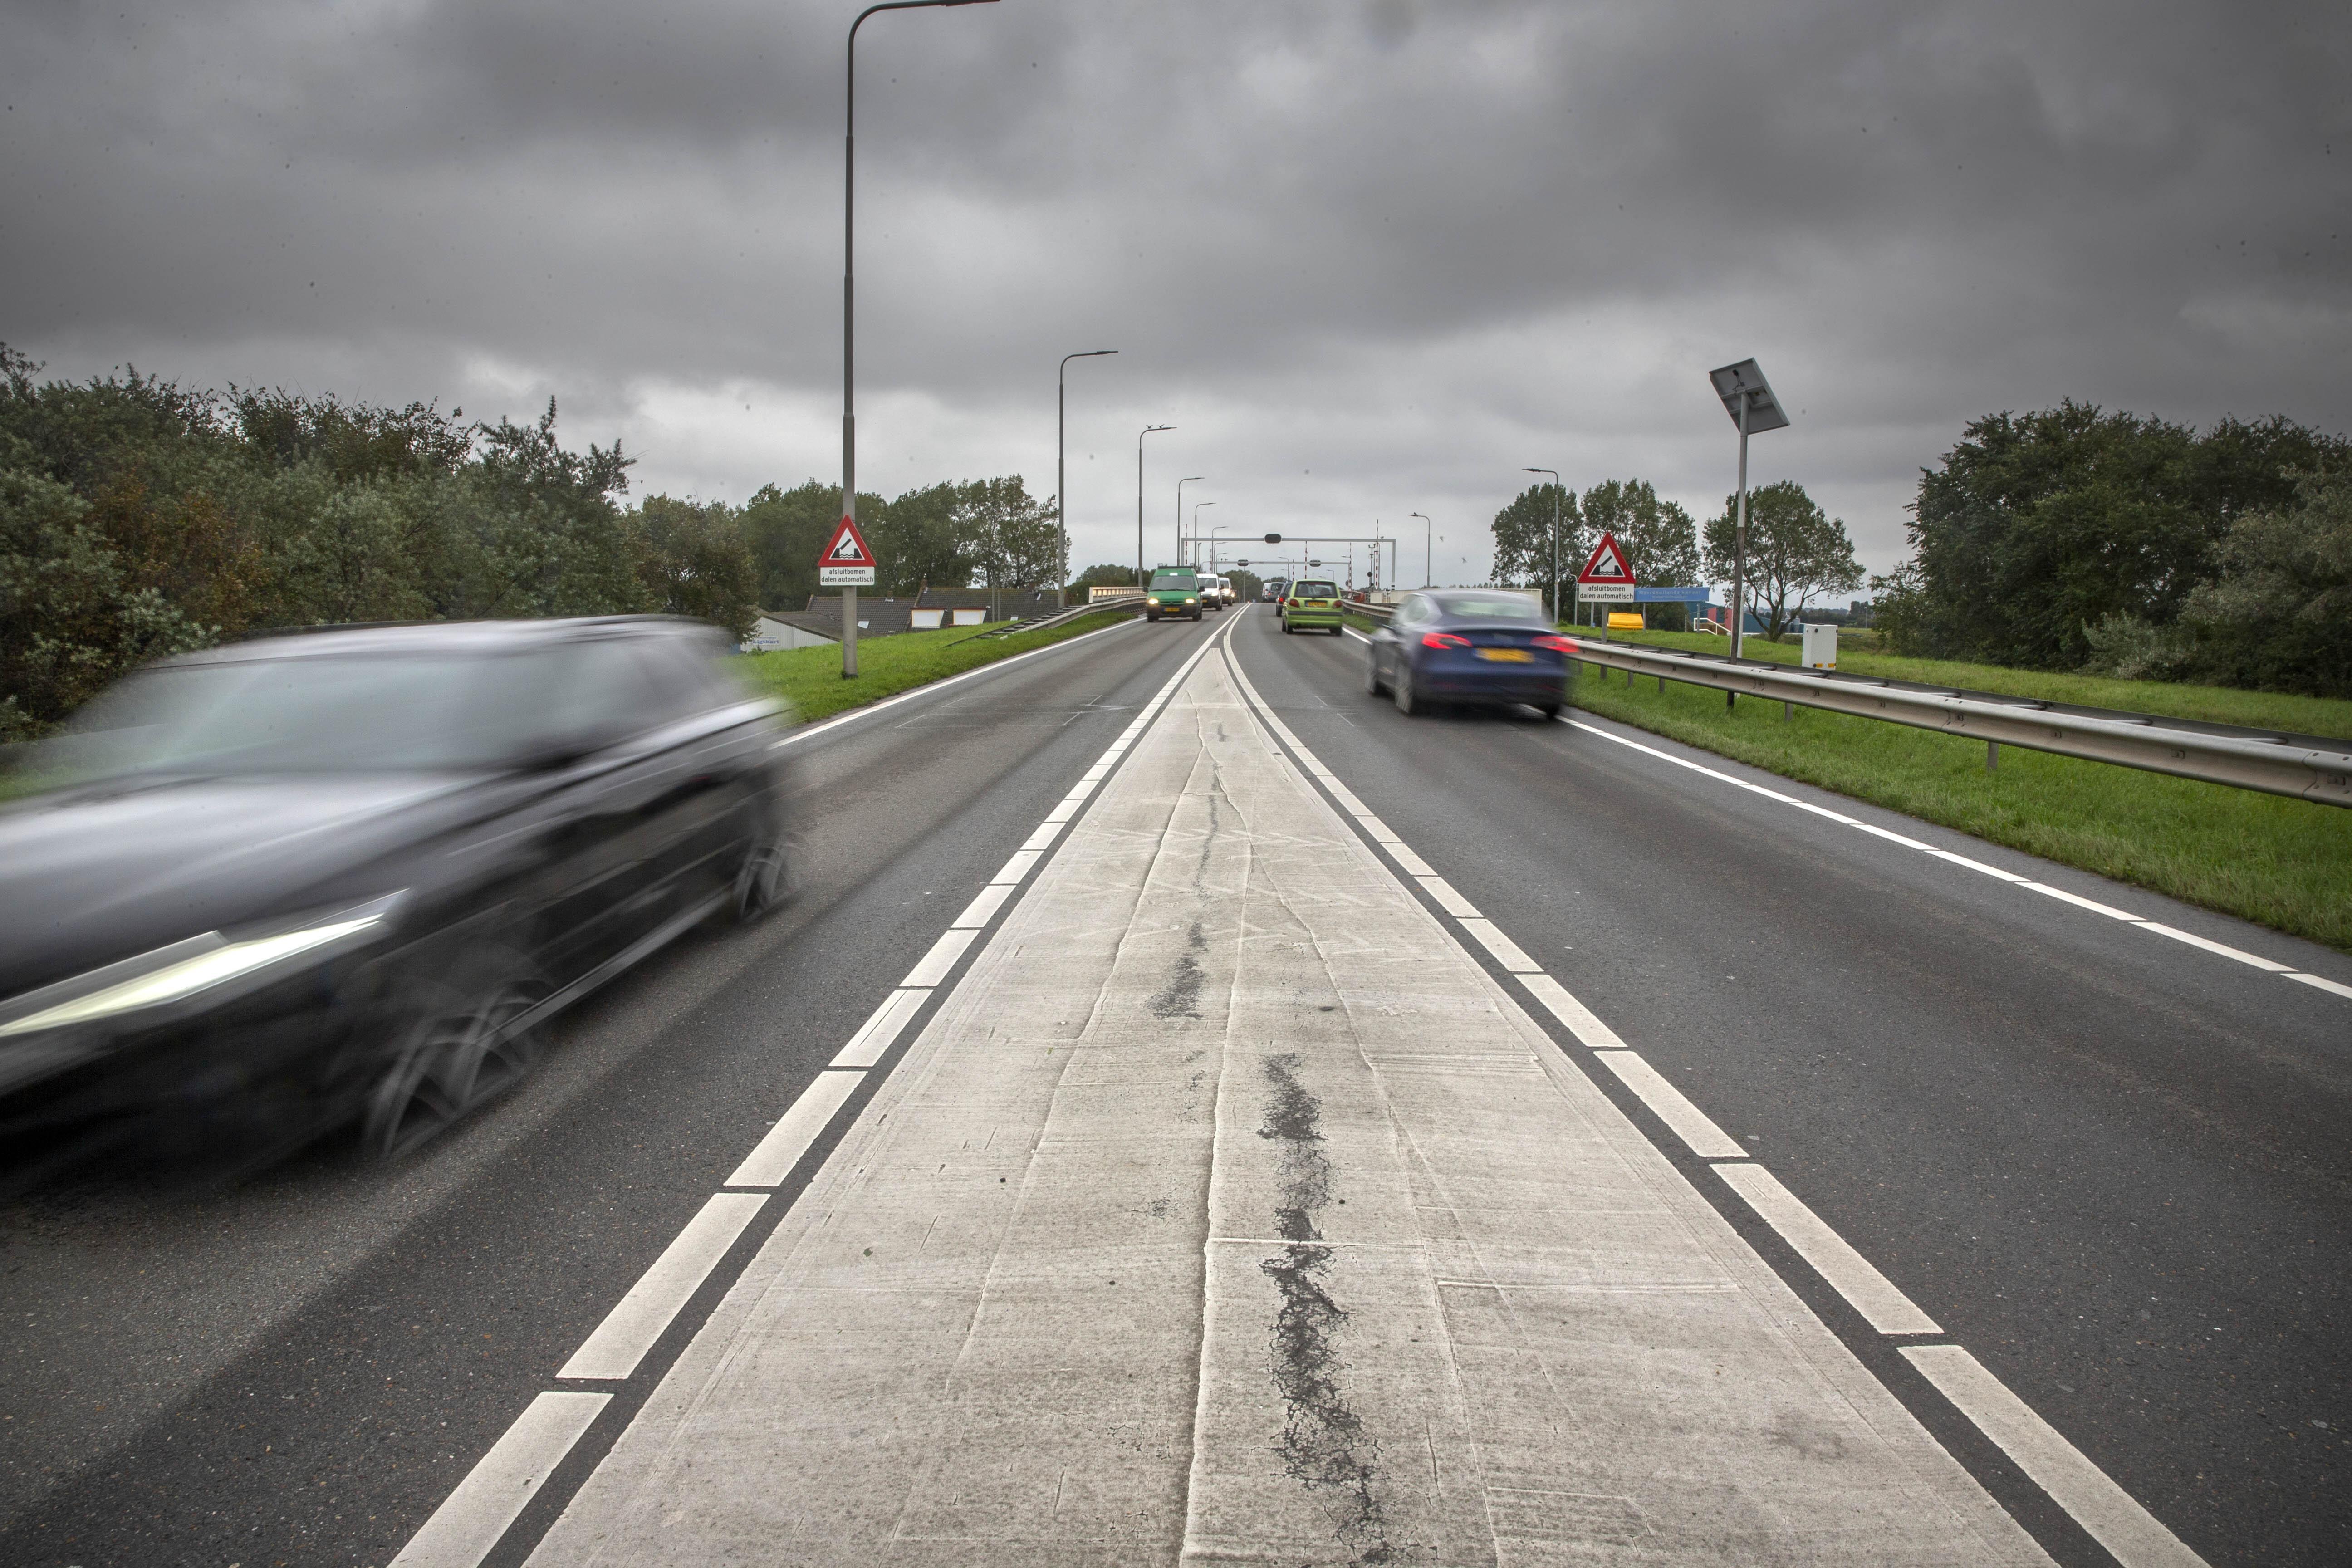 Verkeer kan nachtje niet over de Kooybrug en N99 rijden